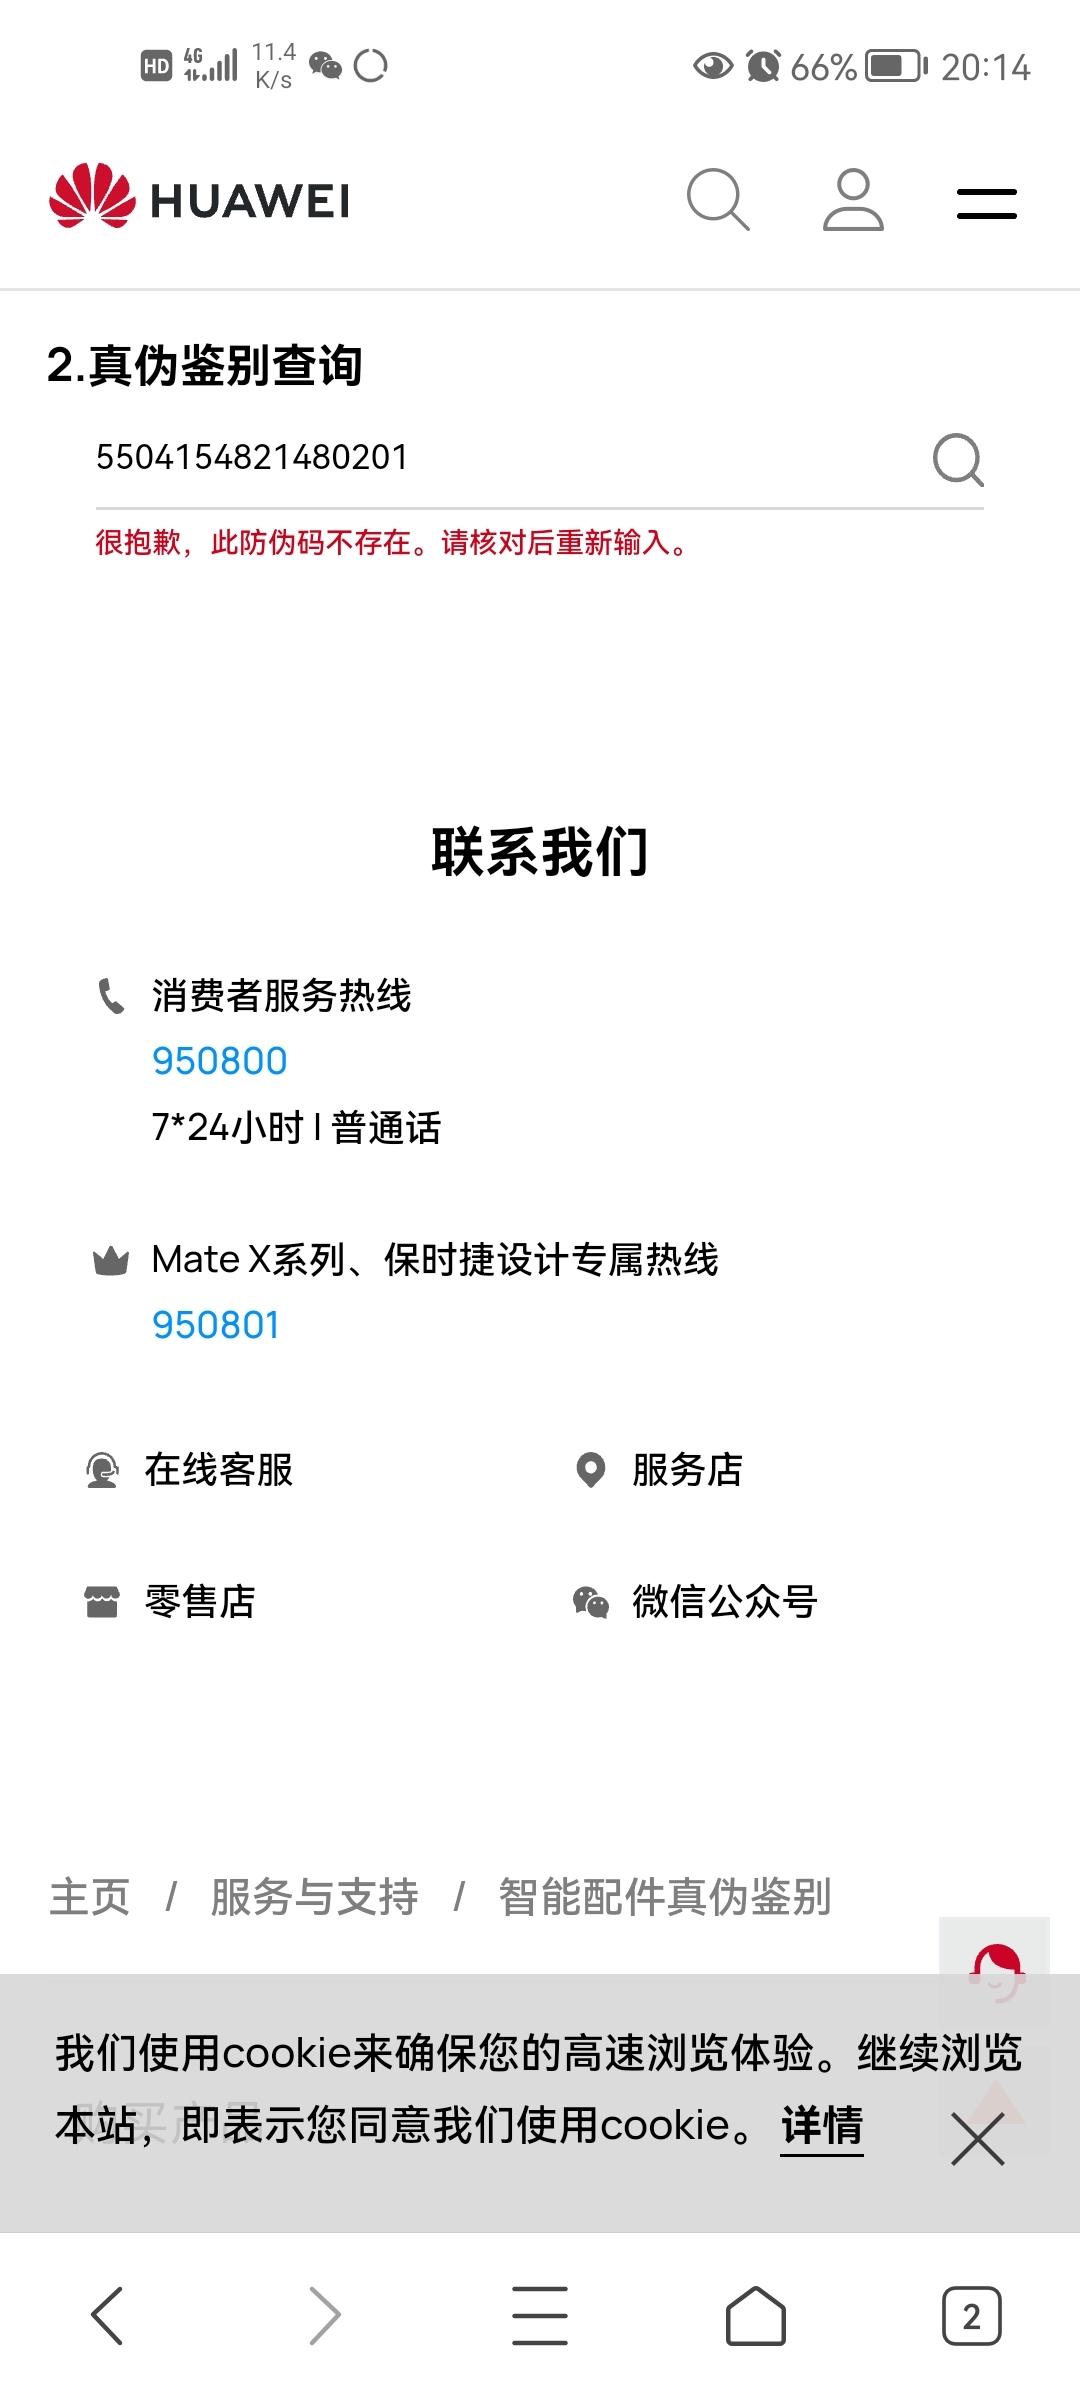 Screenshot_20210828_201413_com.tencent.mtt.jpg